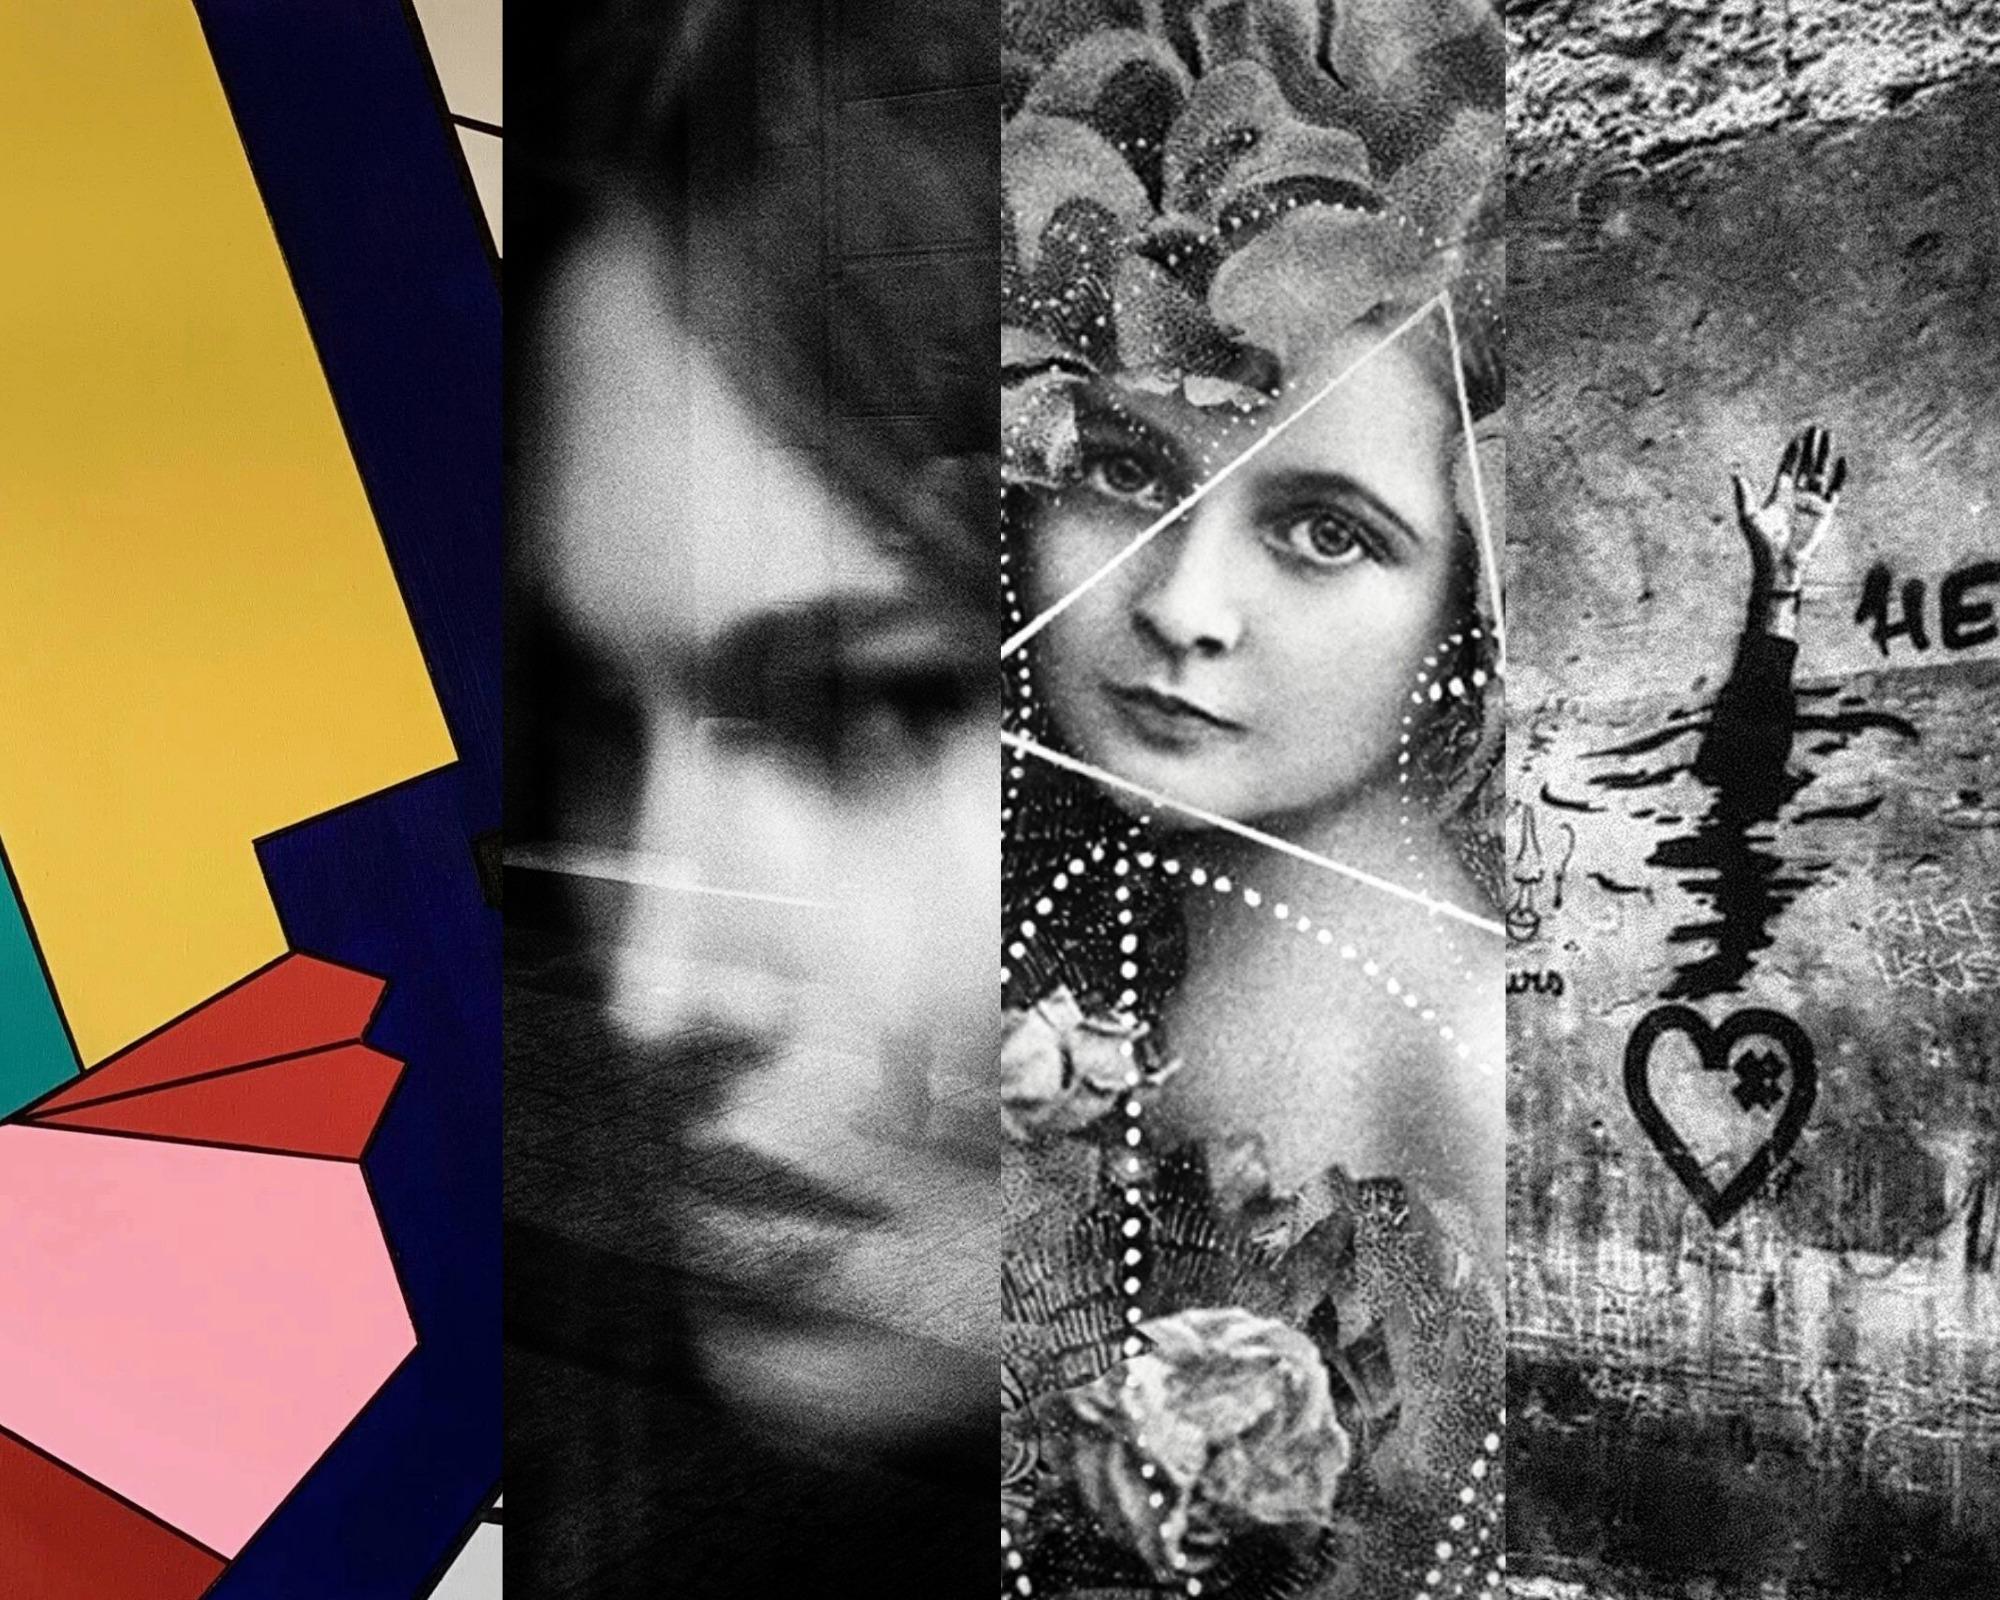 La peintre Olivia Dritzas et les photographes Isabelle Liv, Nicolas Olivier, Frank G Alonso exposent ensemble.